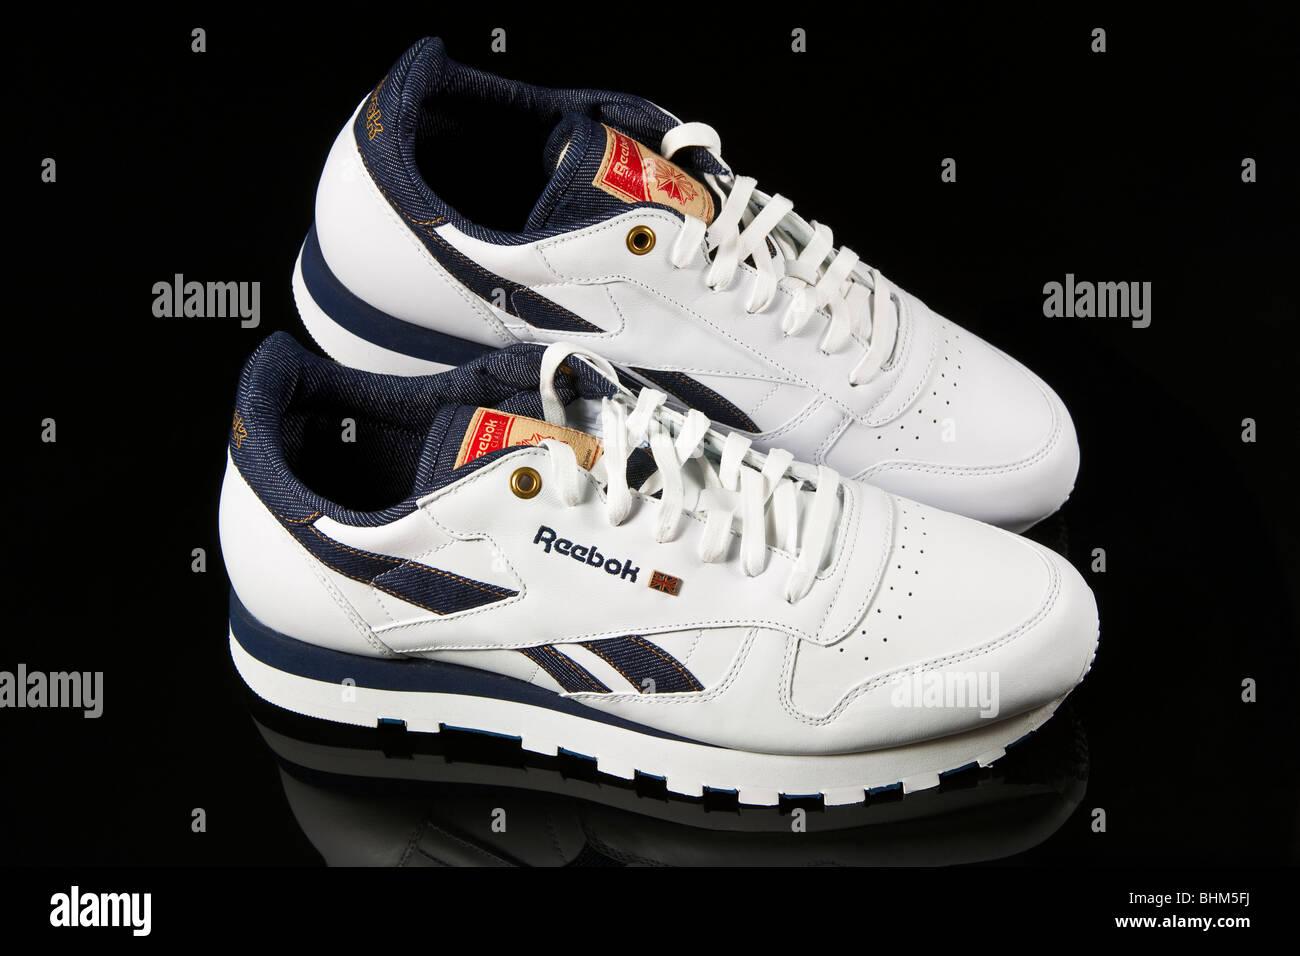 chaussure paire de paire de chaussure de de chaussure paire chaussure reebok paire reebok reebok vbyY76fg